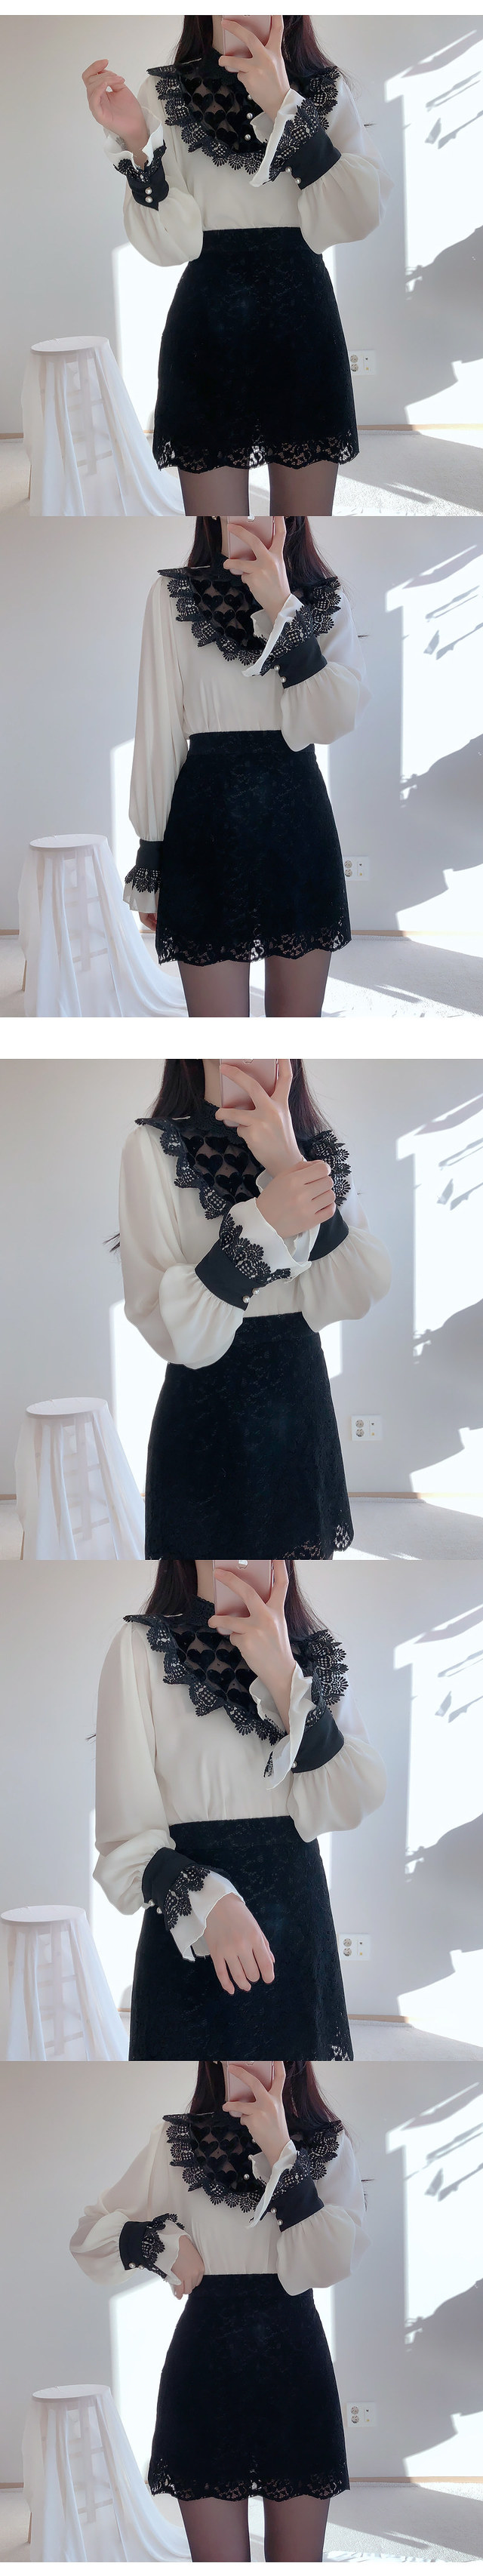 Rubber velvet see-through blouse